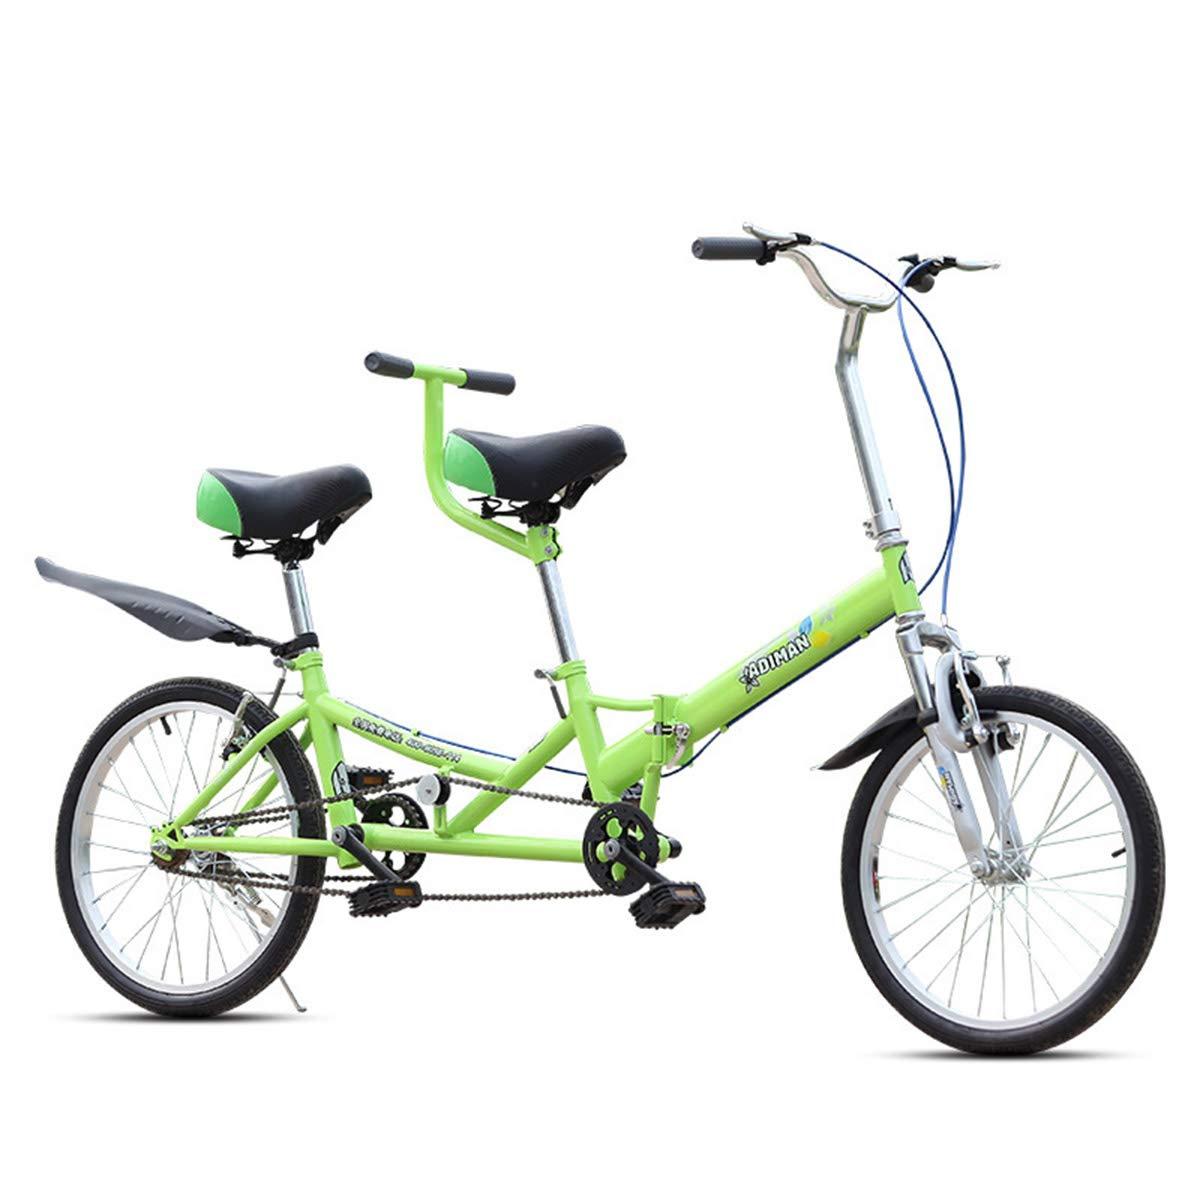 HBNW Bicicletas De La Ciudad Tándem De La Bicicleta De La Bici ...